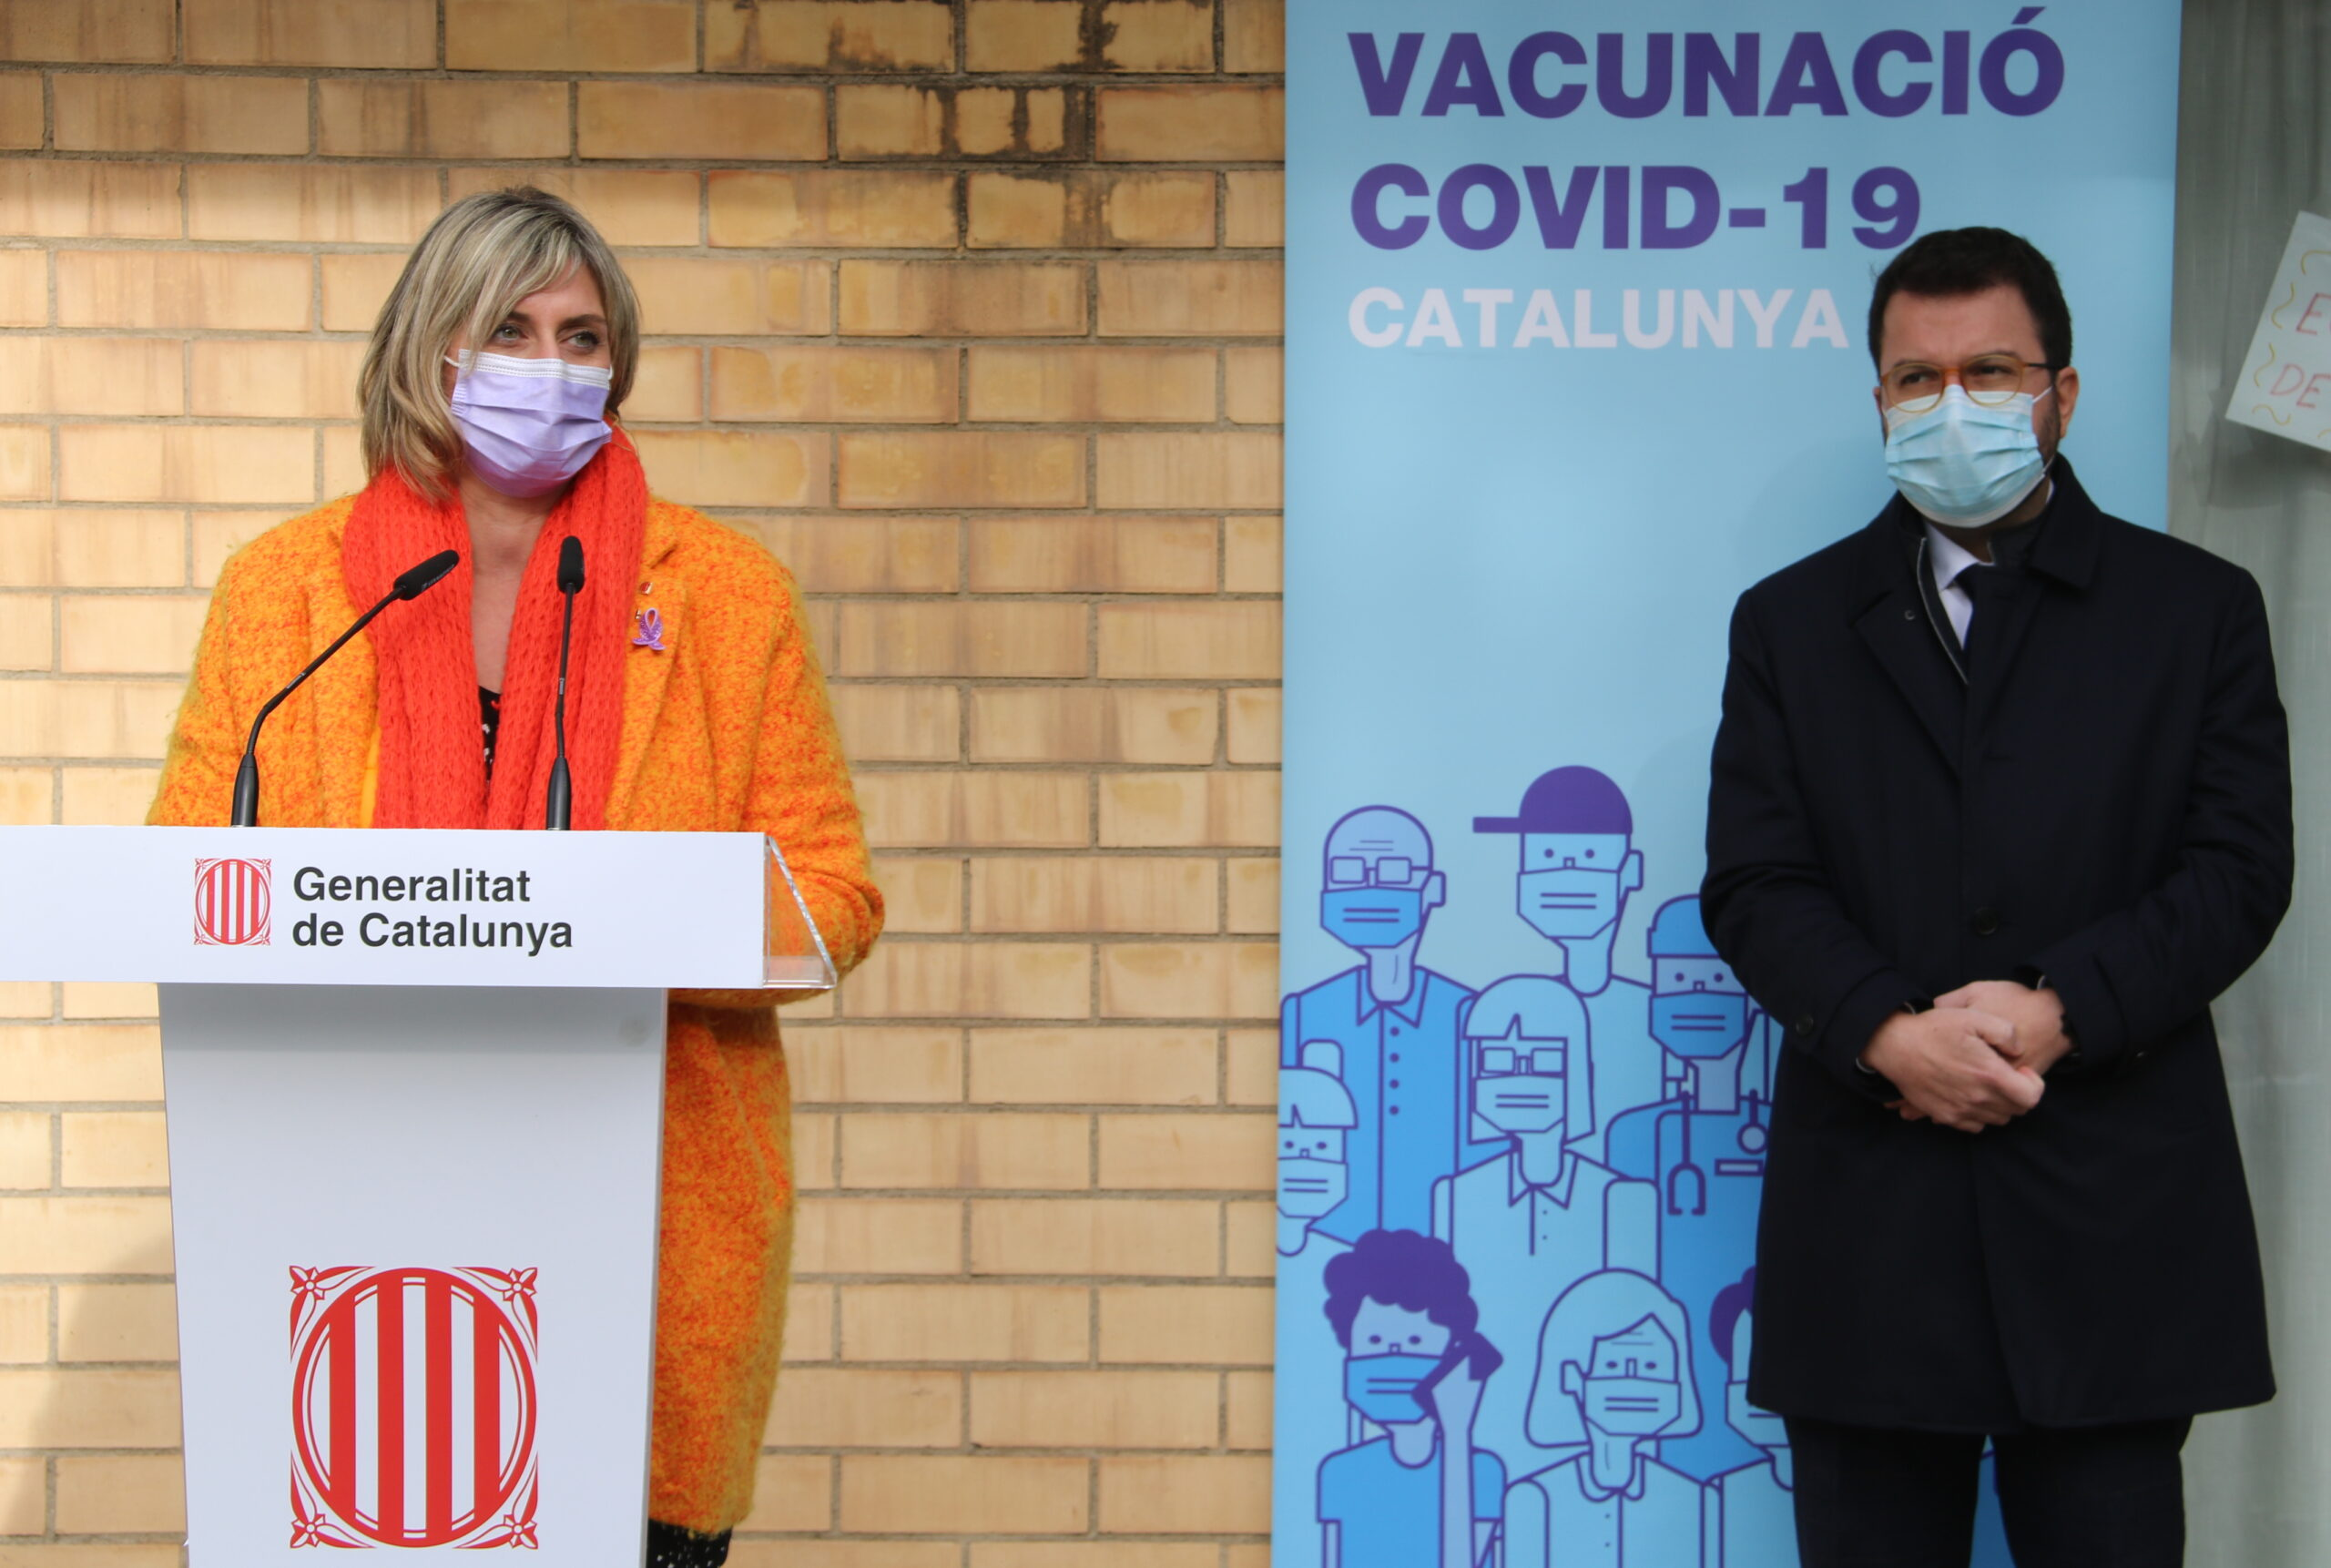 La consellera de Salut, Alba Vergés, i el vicepresident, Pera Aragonès, durant la roda de premsa de l'inici de la vacunació contra la Covid, el 27 de desembre del 2020 / ACN